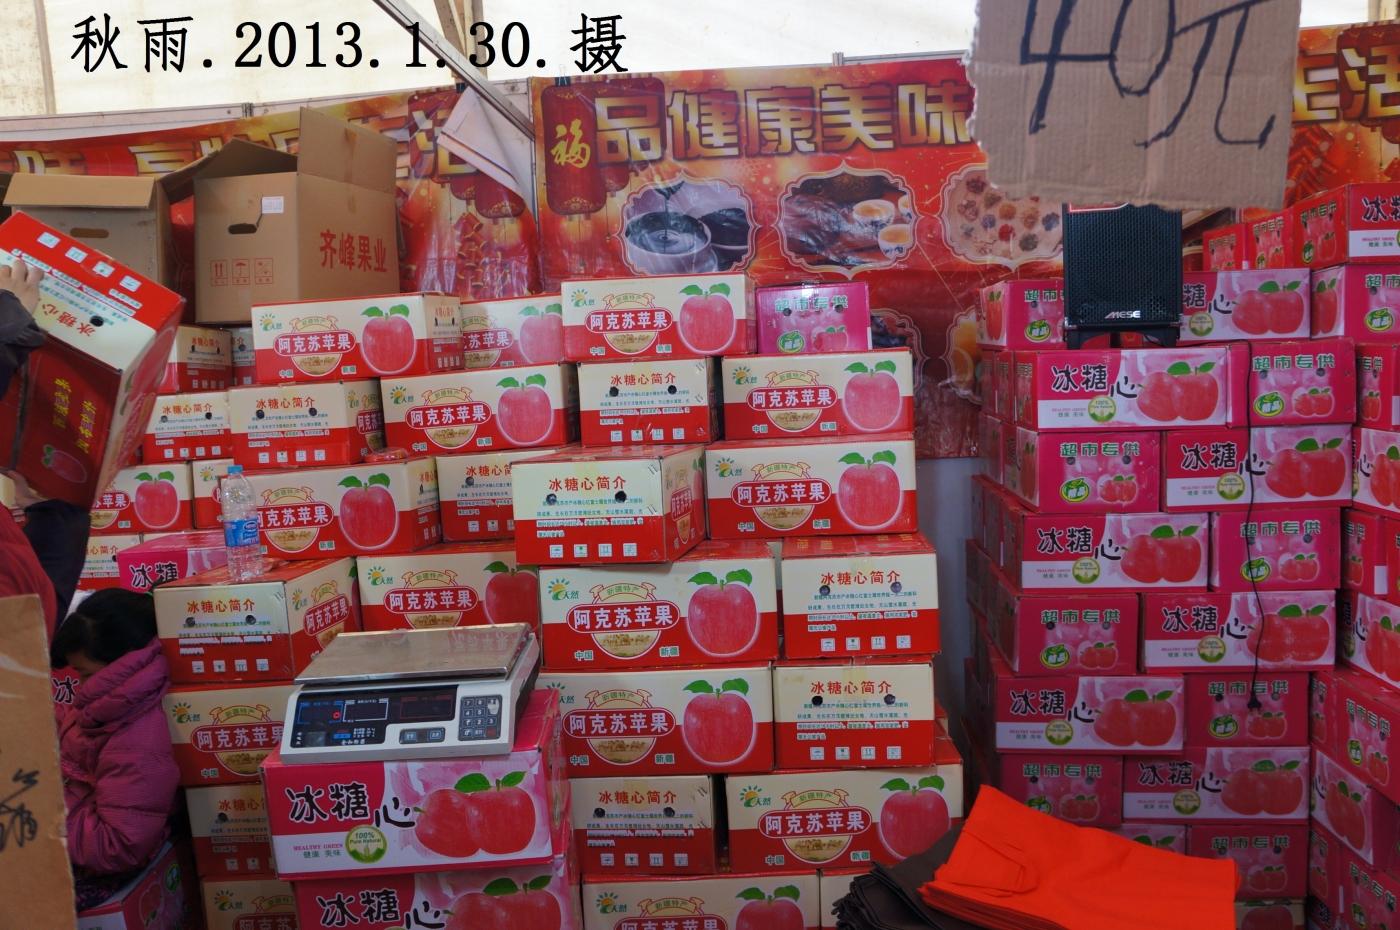 迎新春年货展销会(摄影原创)_图1-33